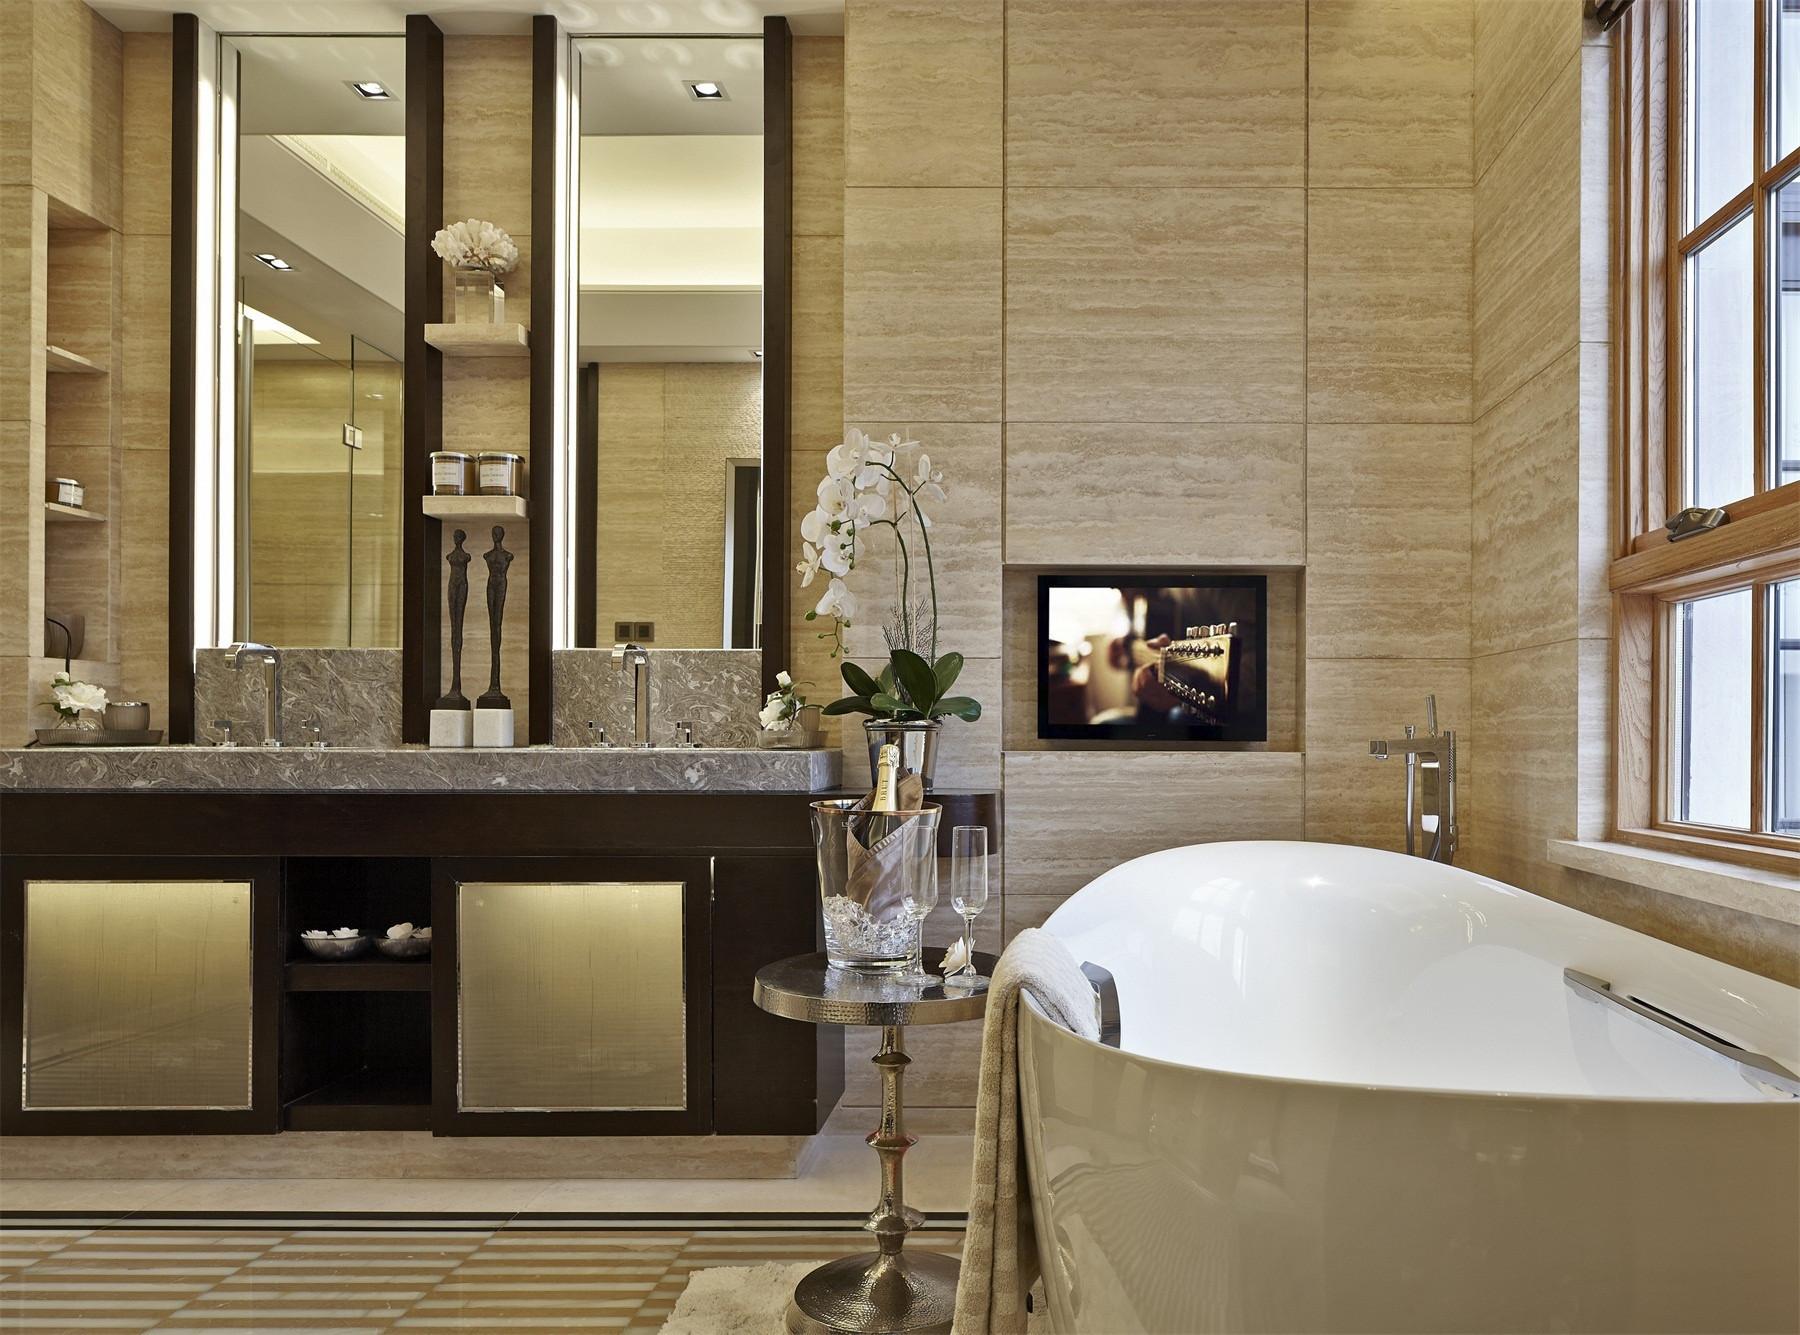 田园风格的装饰镜让卫生间空间更加别具一格。